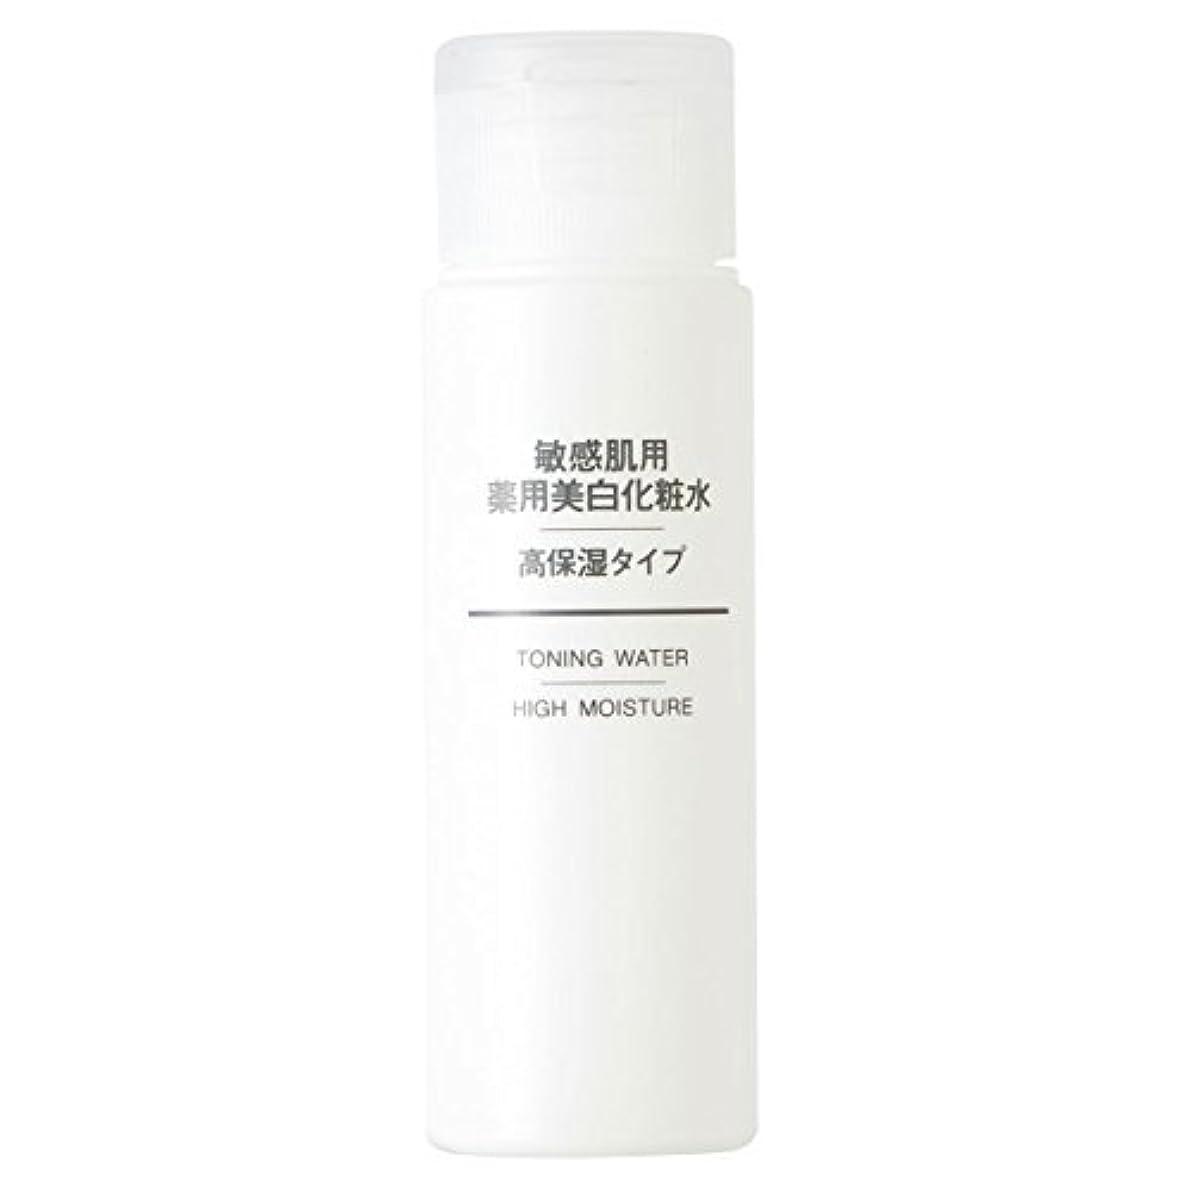 アシスタント数値静かな無印良品 敏感肌用 薬用美白化粧水 高保湿タイプ(携帯用) (新)50ml